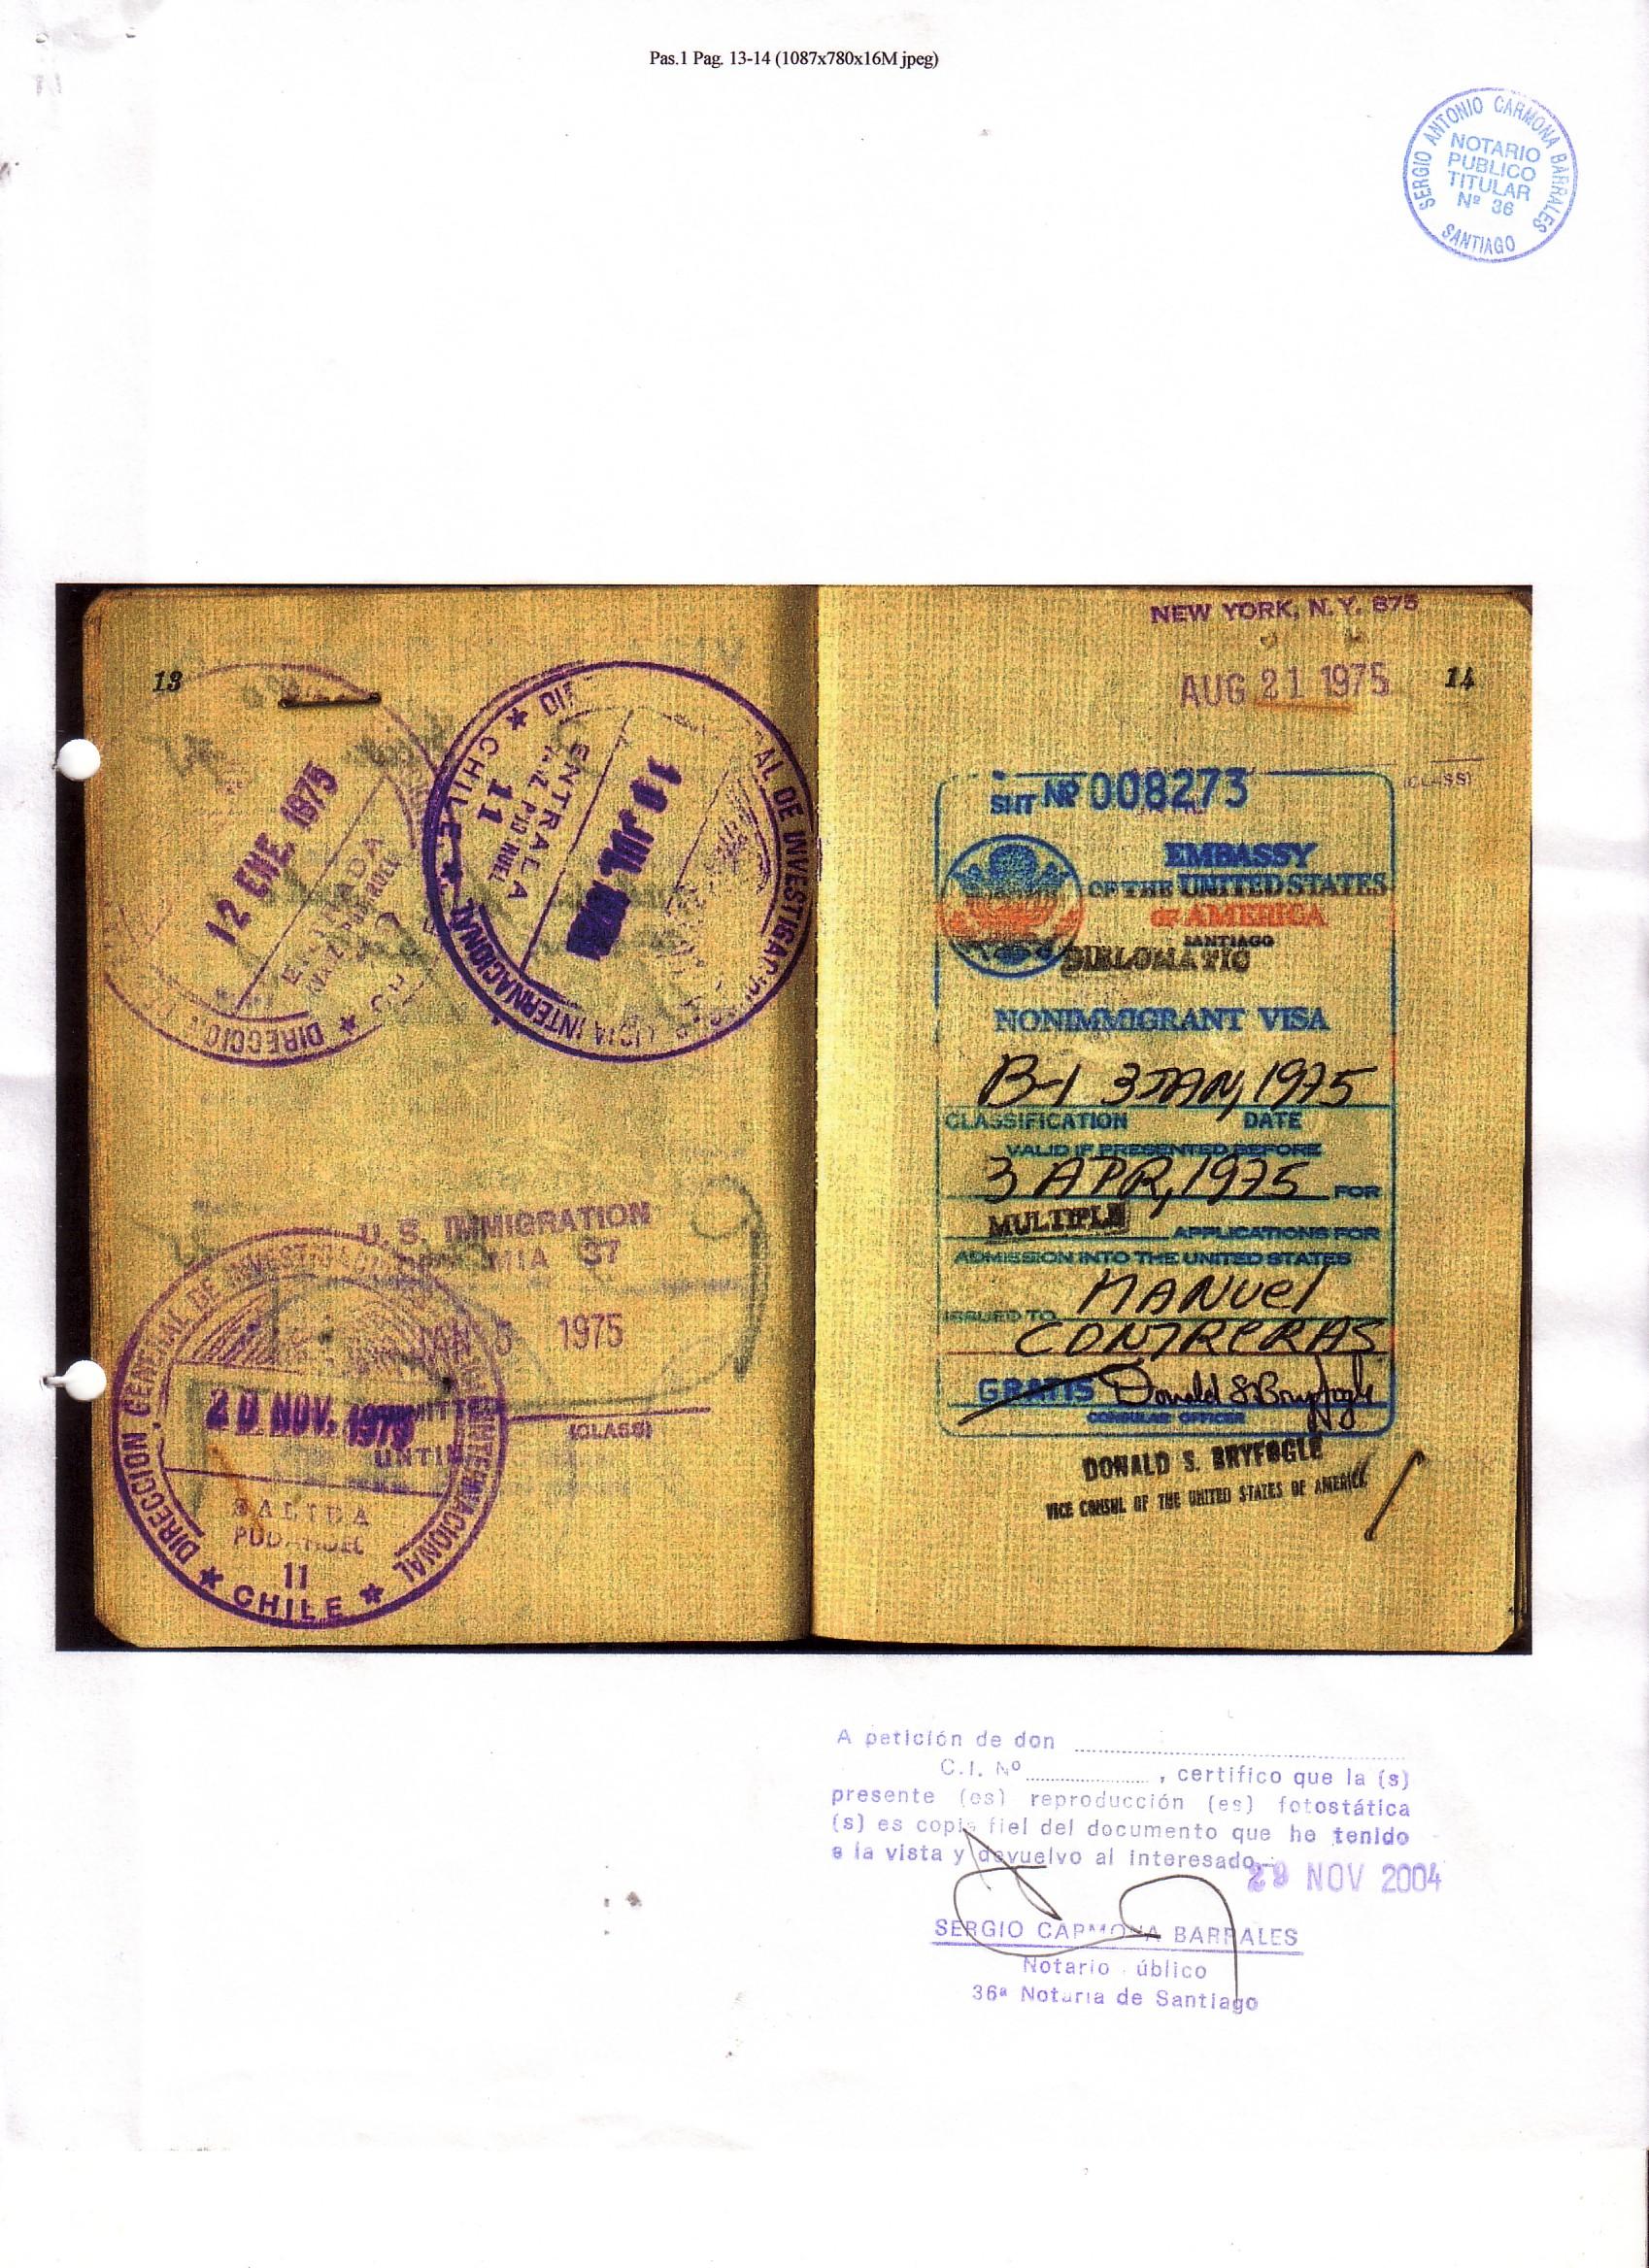 Pasaporte 3